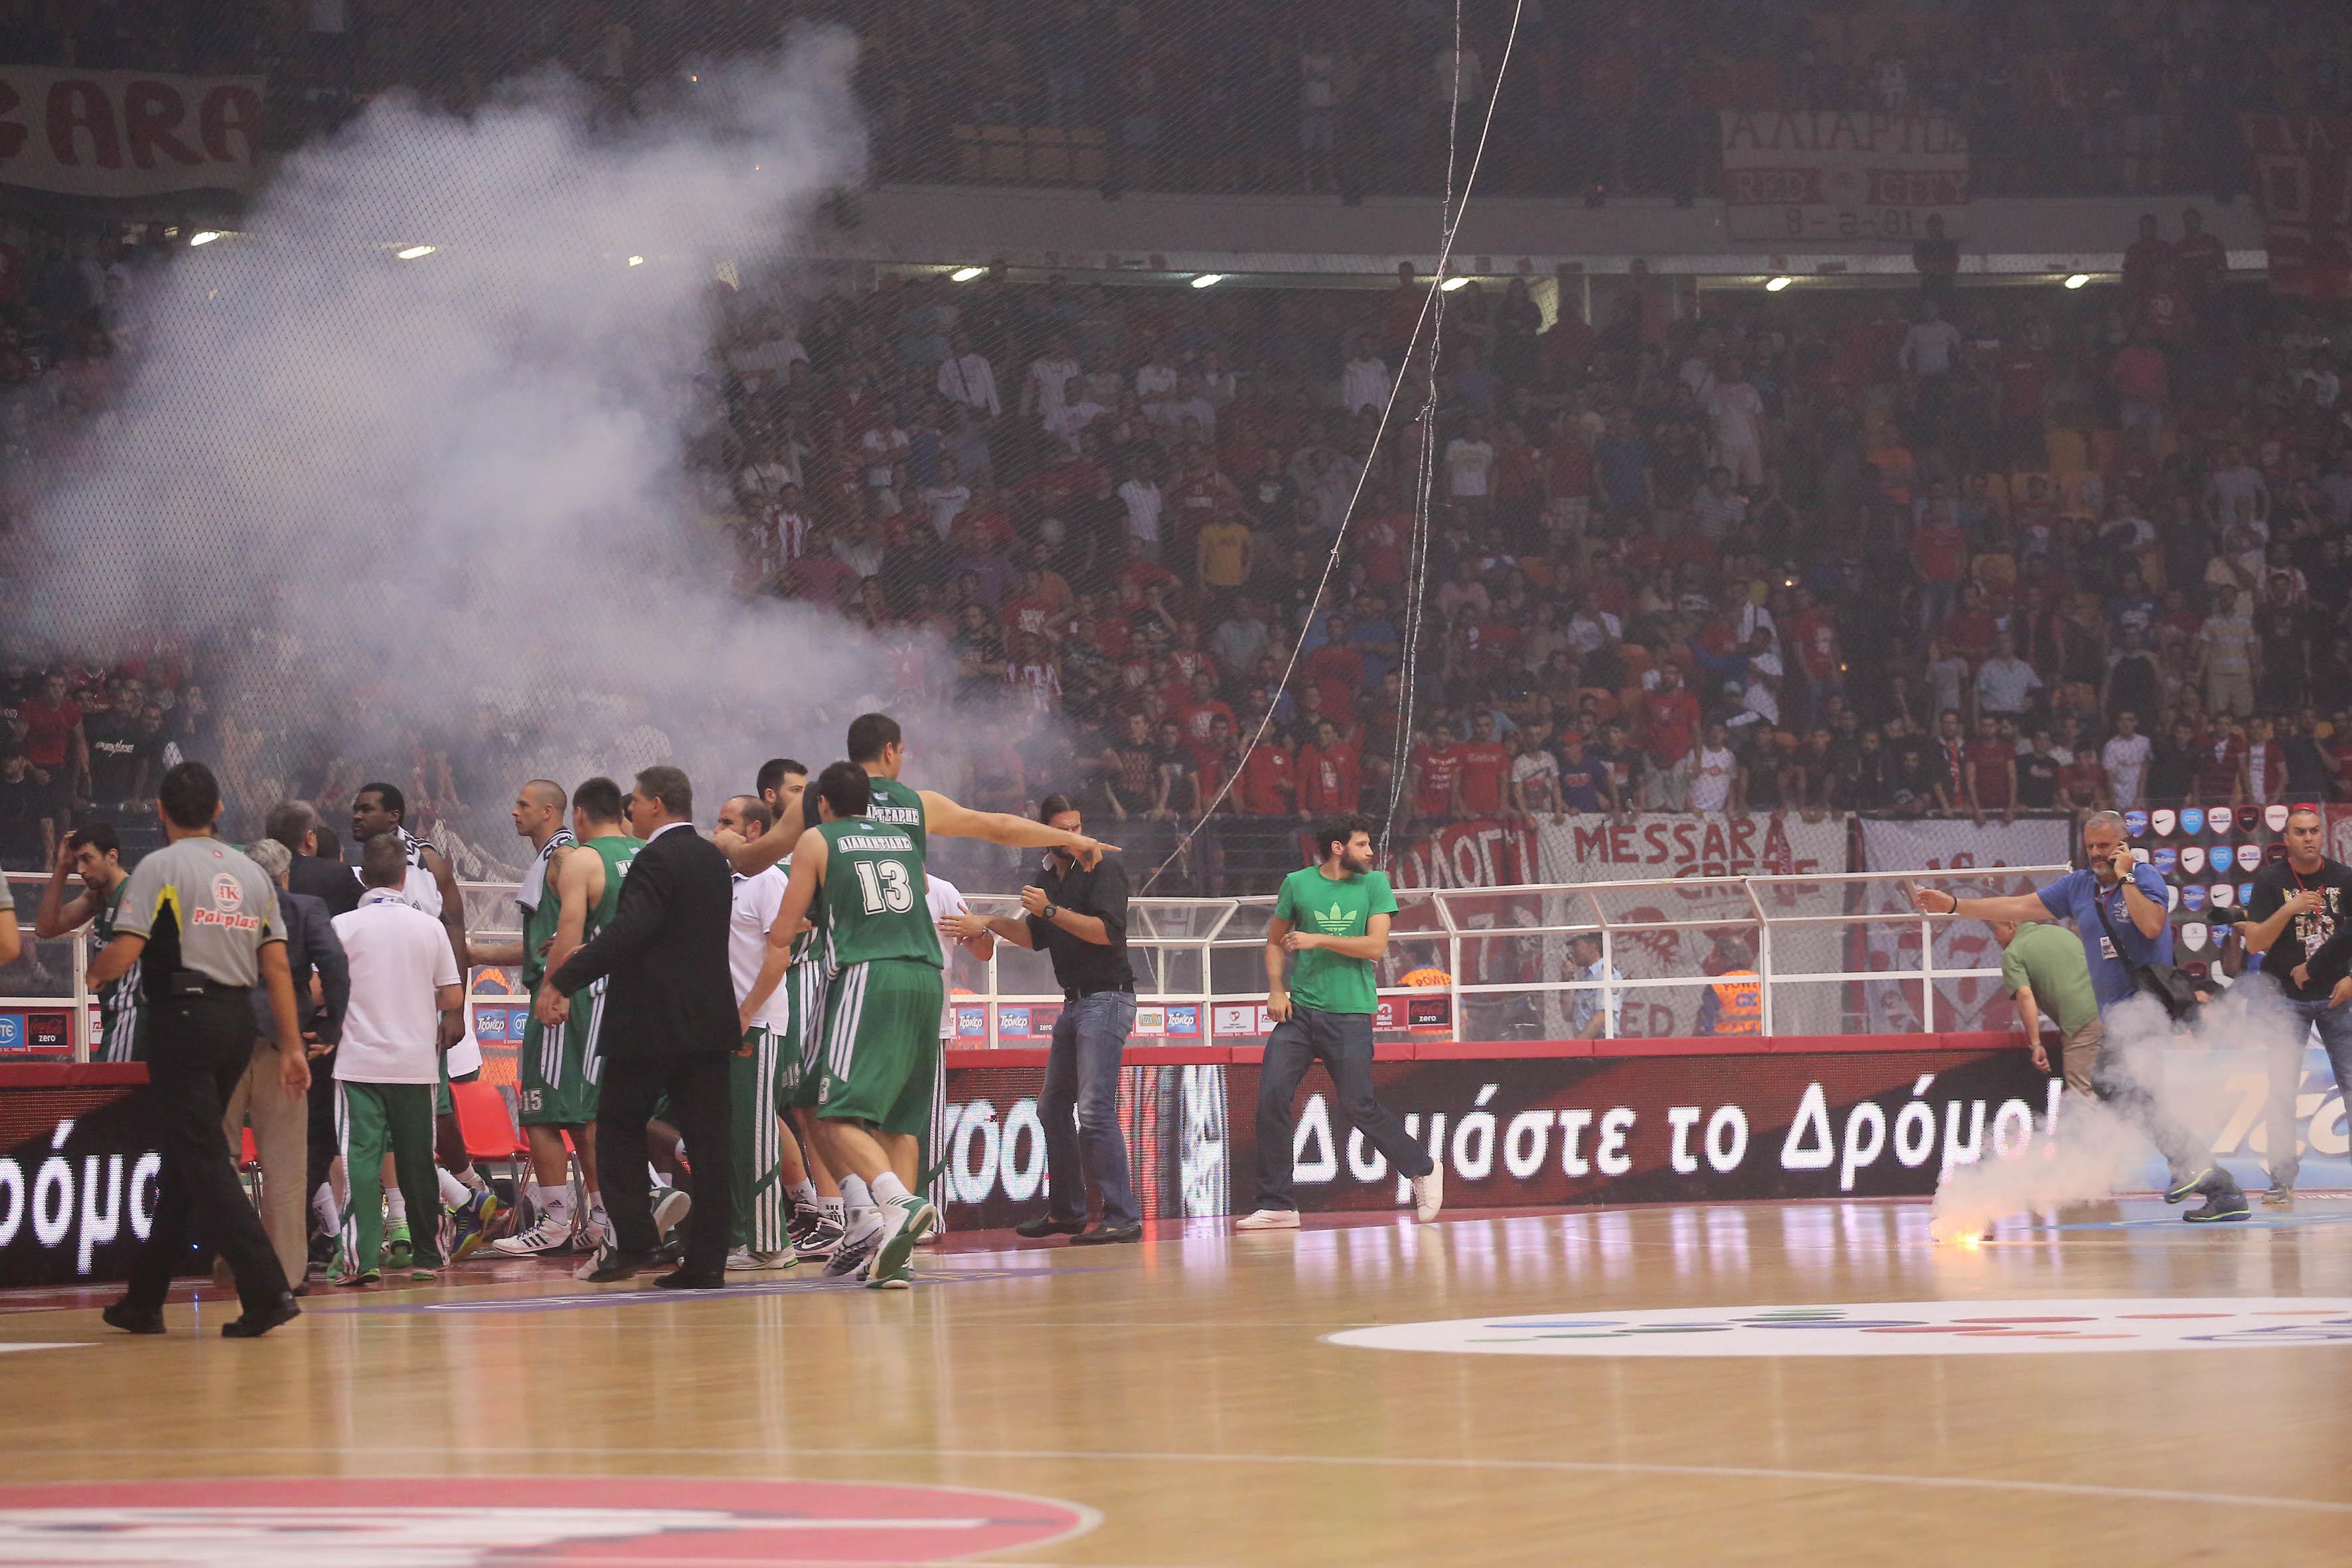 Γης μαδιάμ το ΣΕΦ: εικόνες ντροπής στον 3ο τελικό της Α1 μπάσκετ (ΦΩΤΟ, VIDEO)